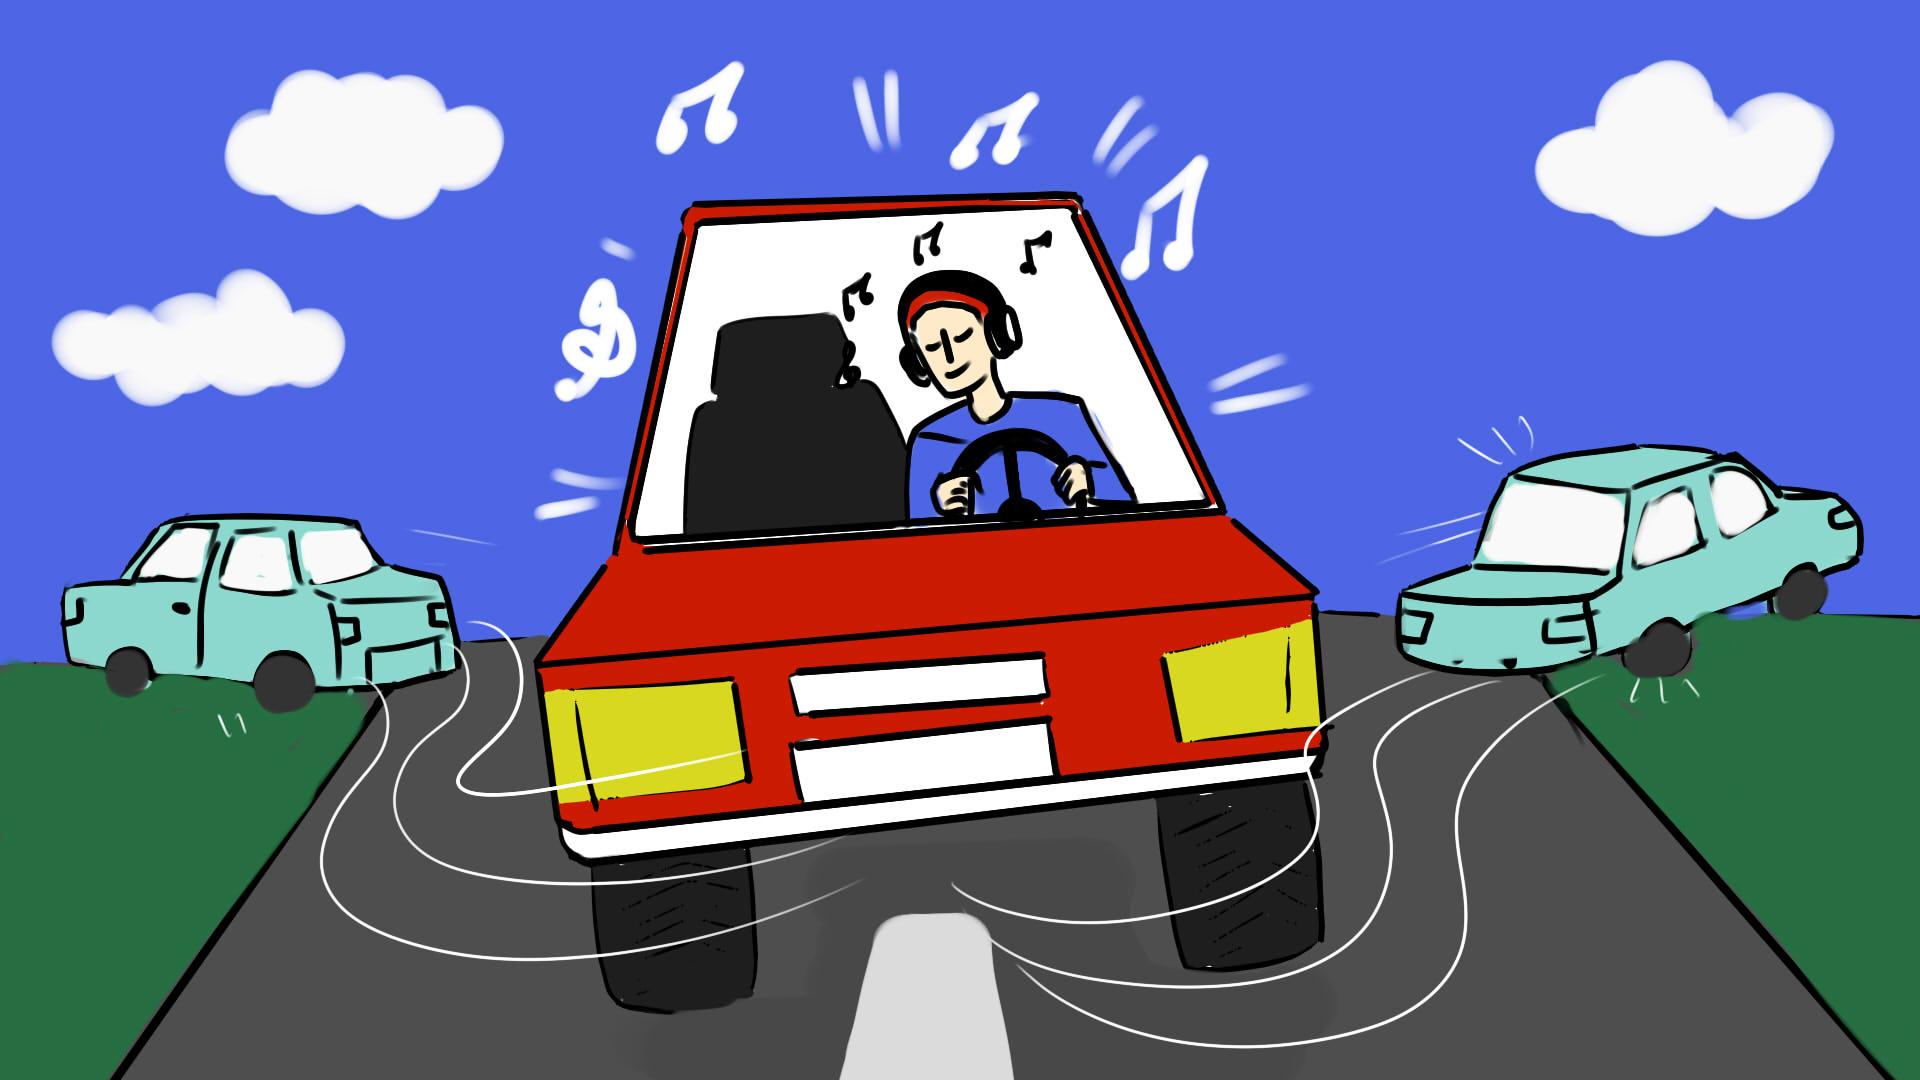 Как музыка может повлиять на риск автомобильной аварии